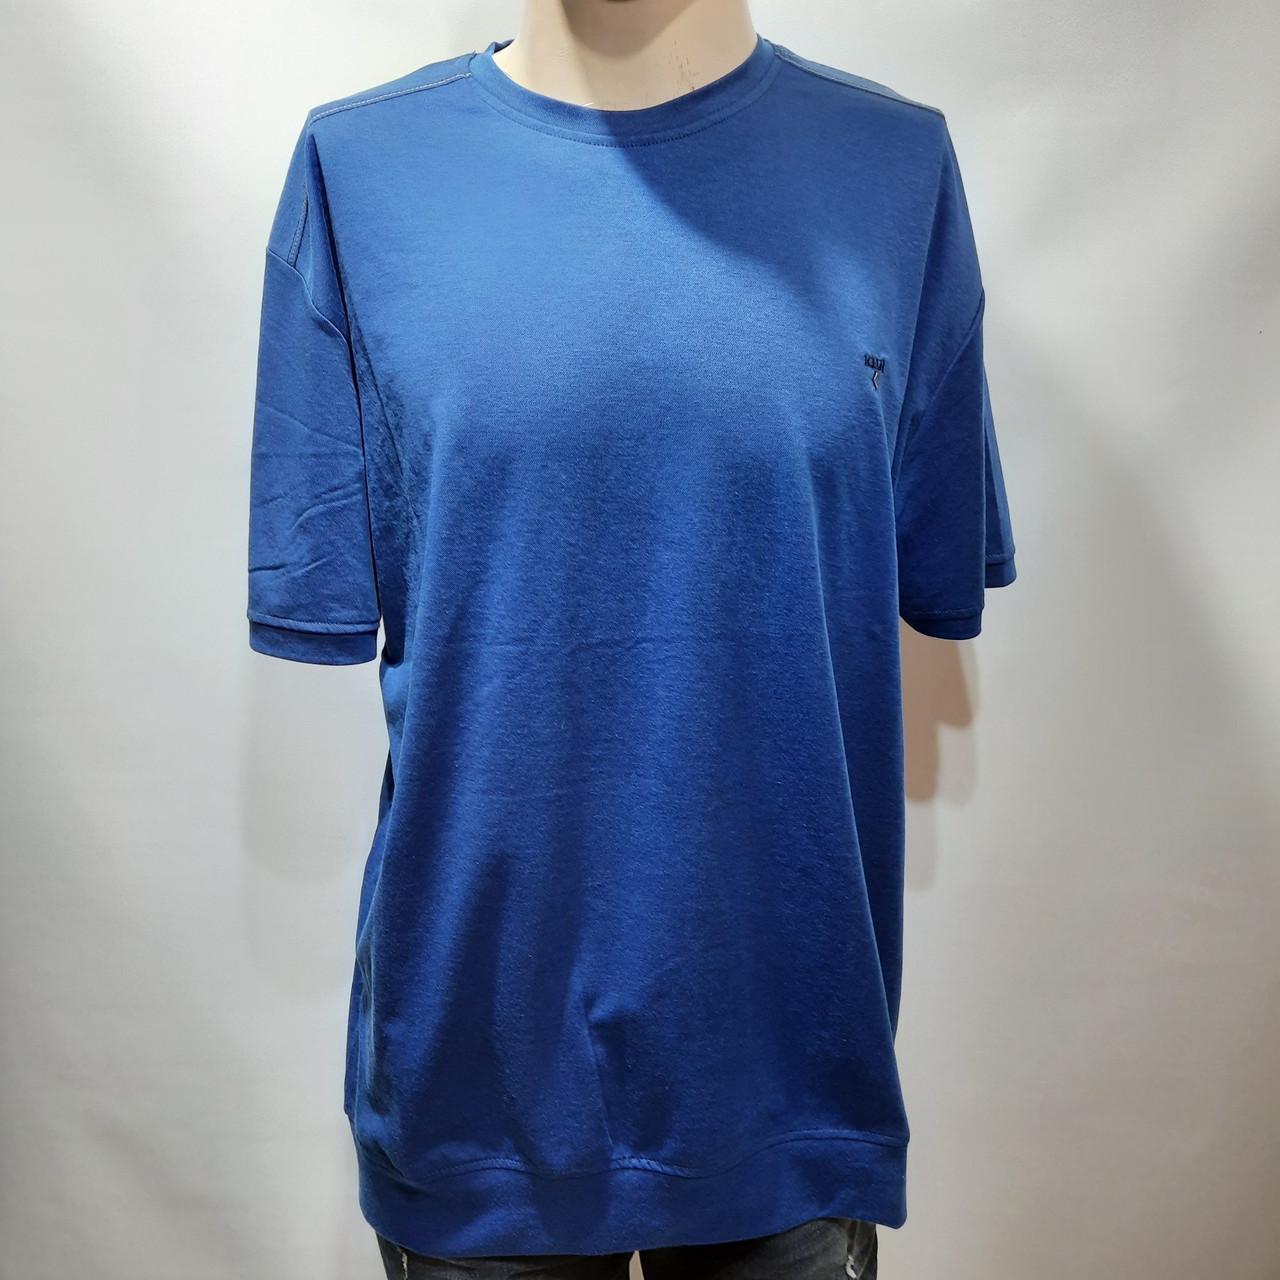 Мужская футболка (больших размеров) 2xl, 3xl, 4xl, 5xl Турция синяя